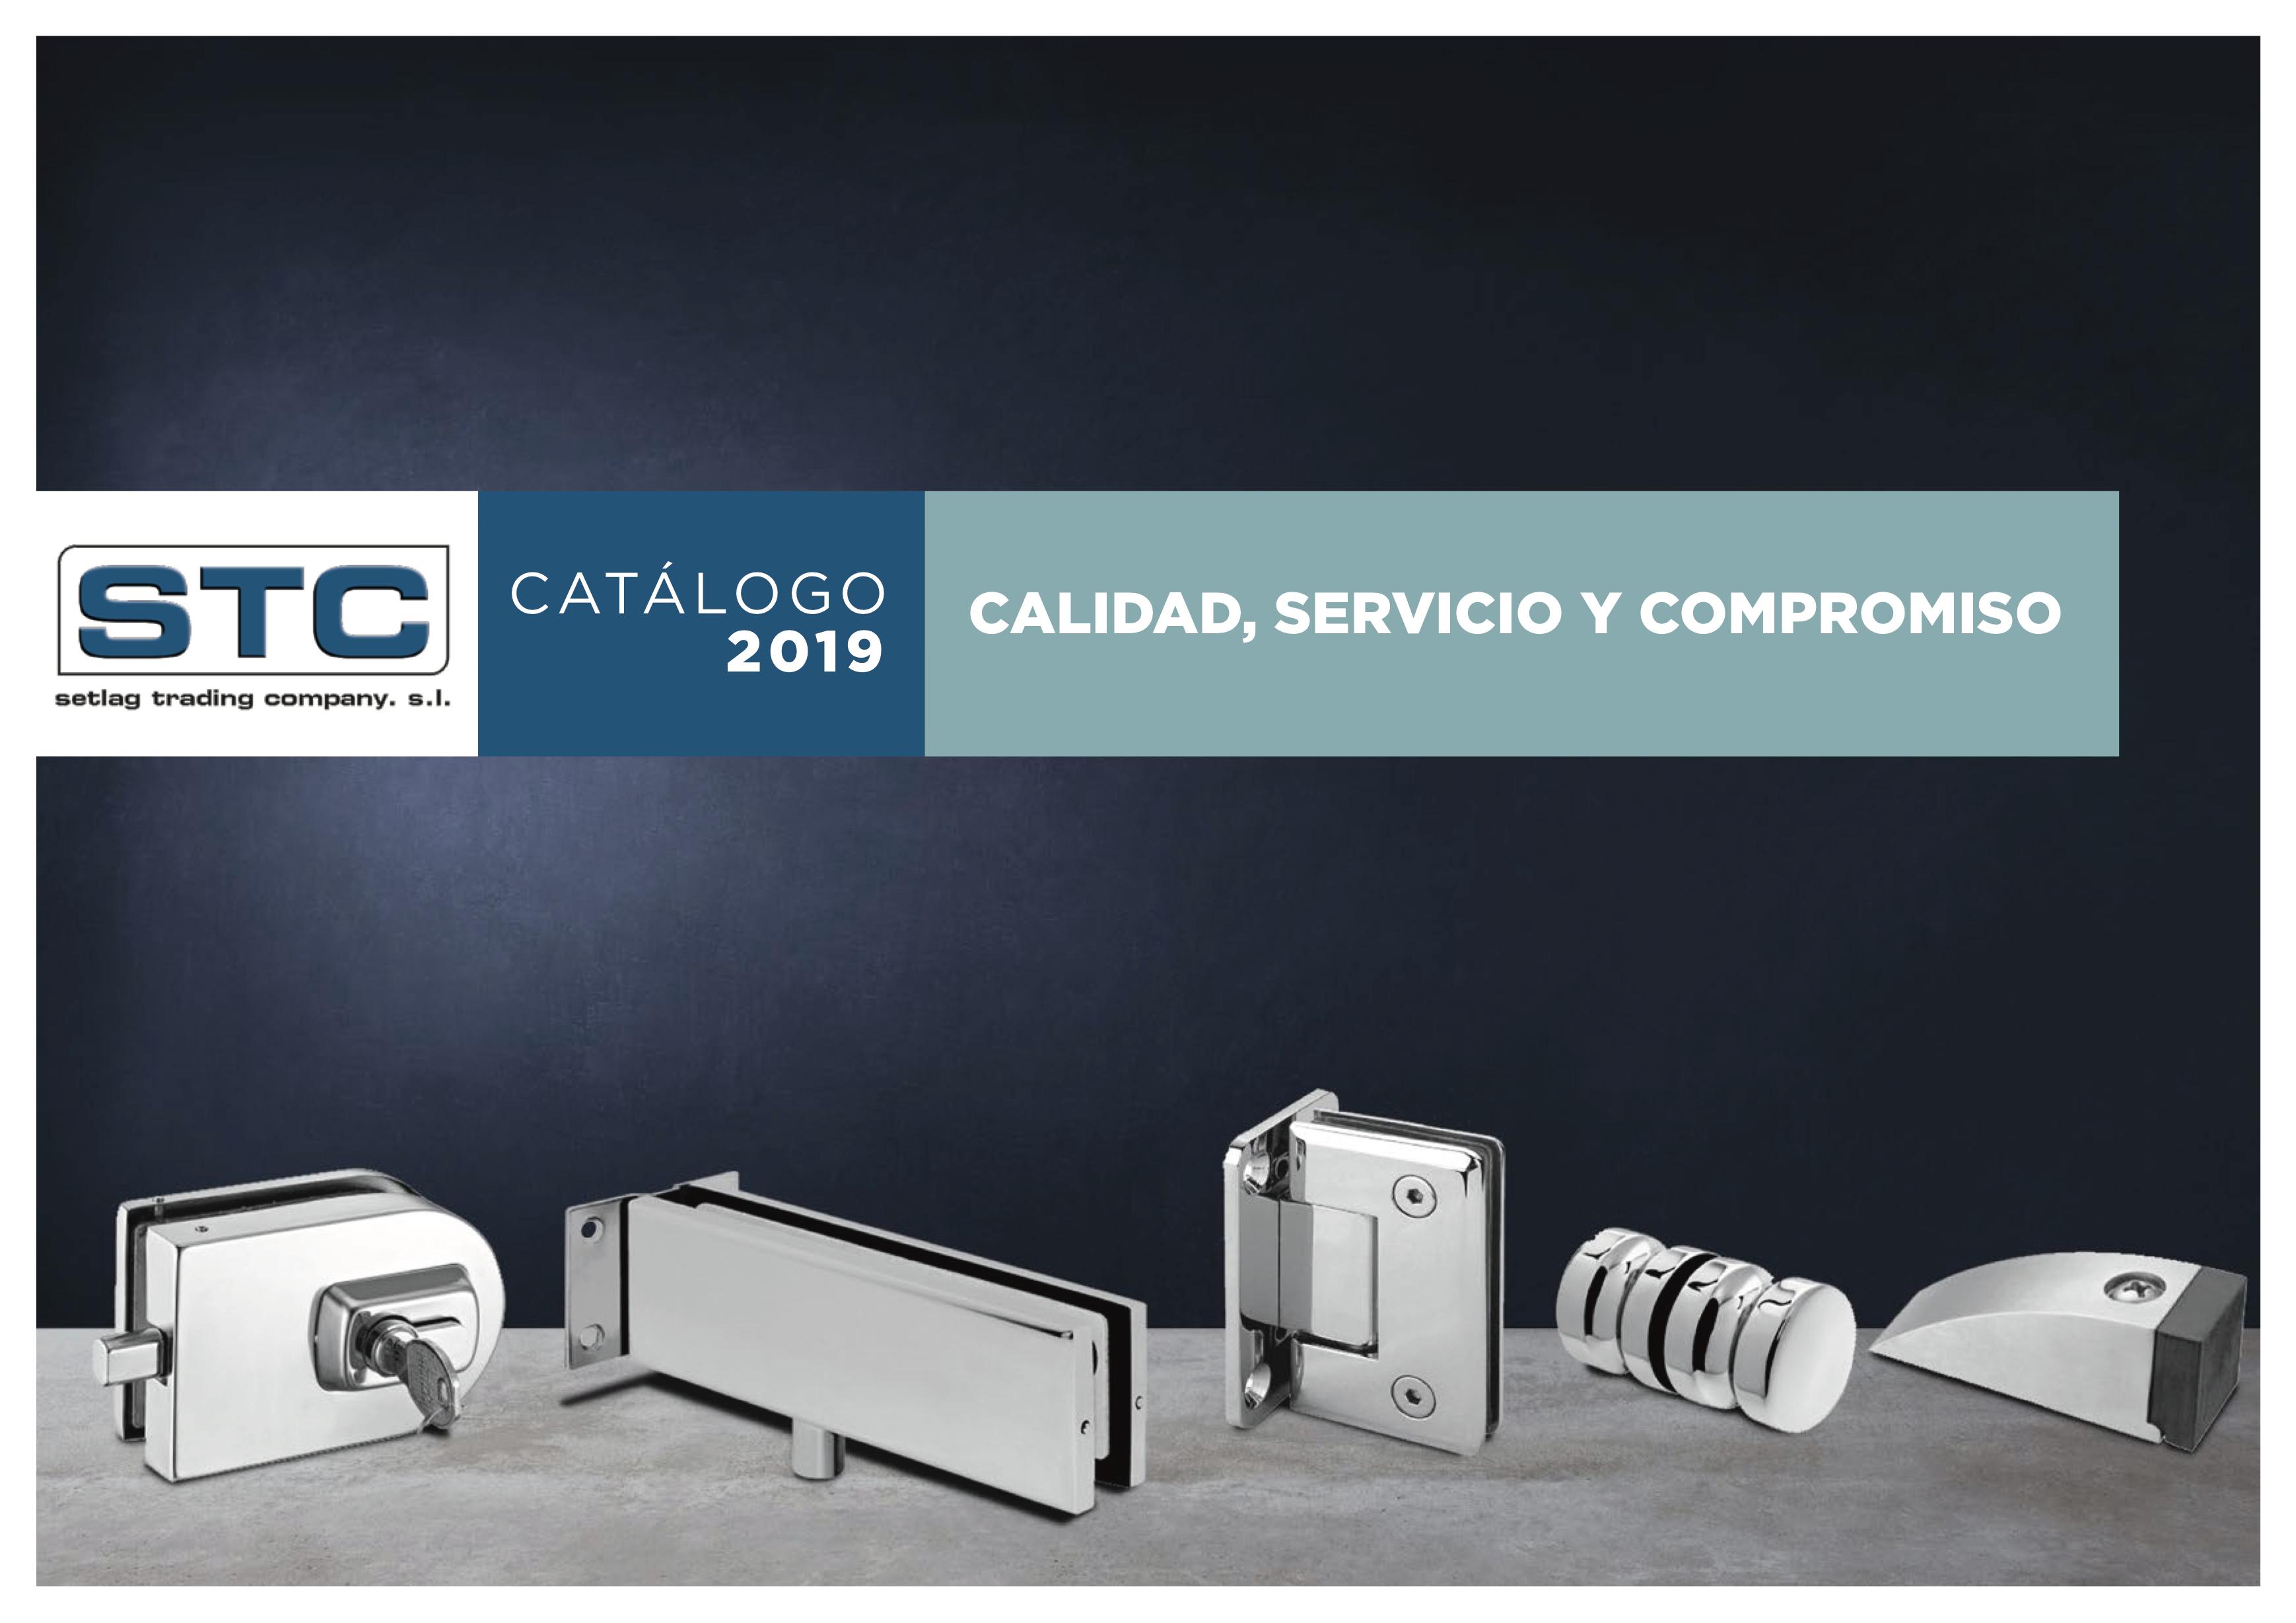 Catálogo STC 2019